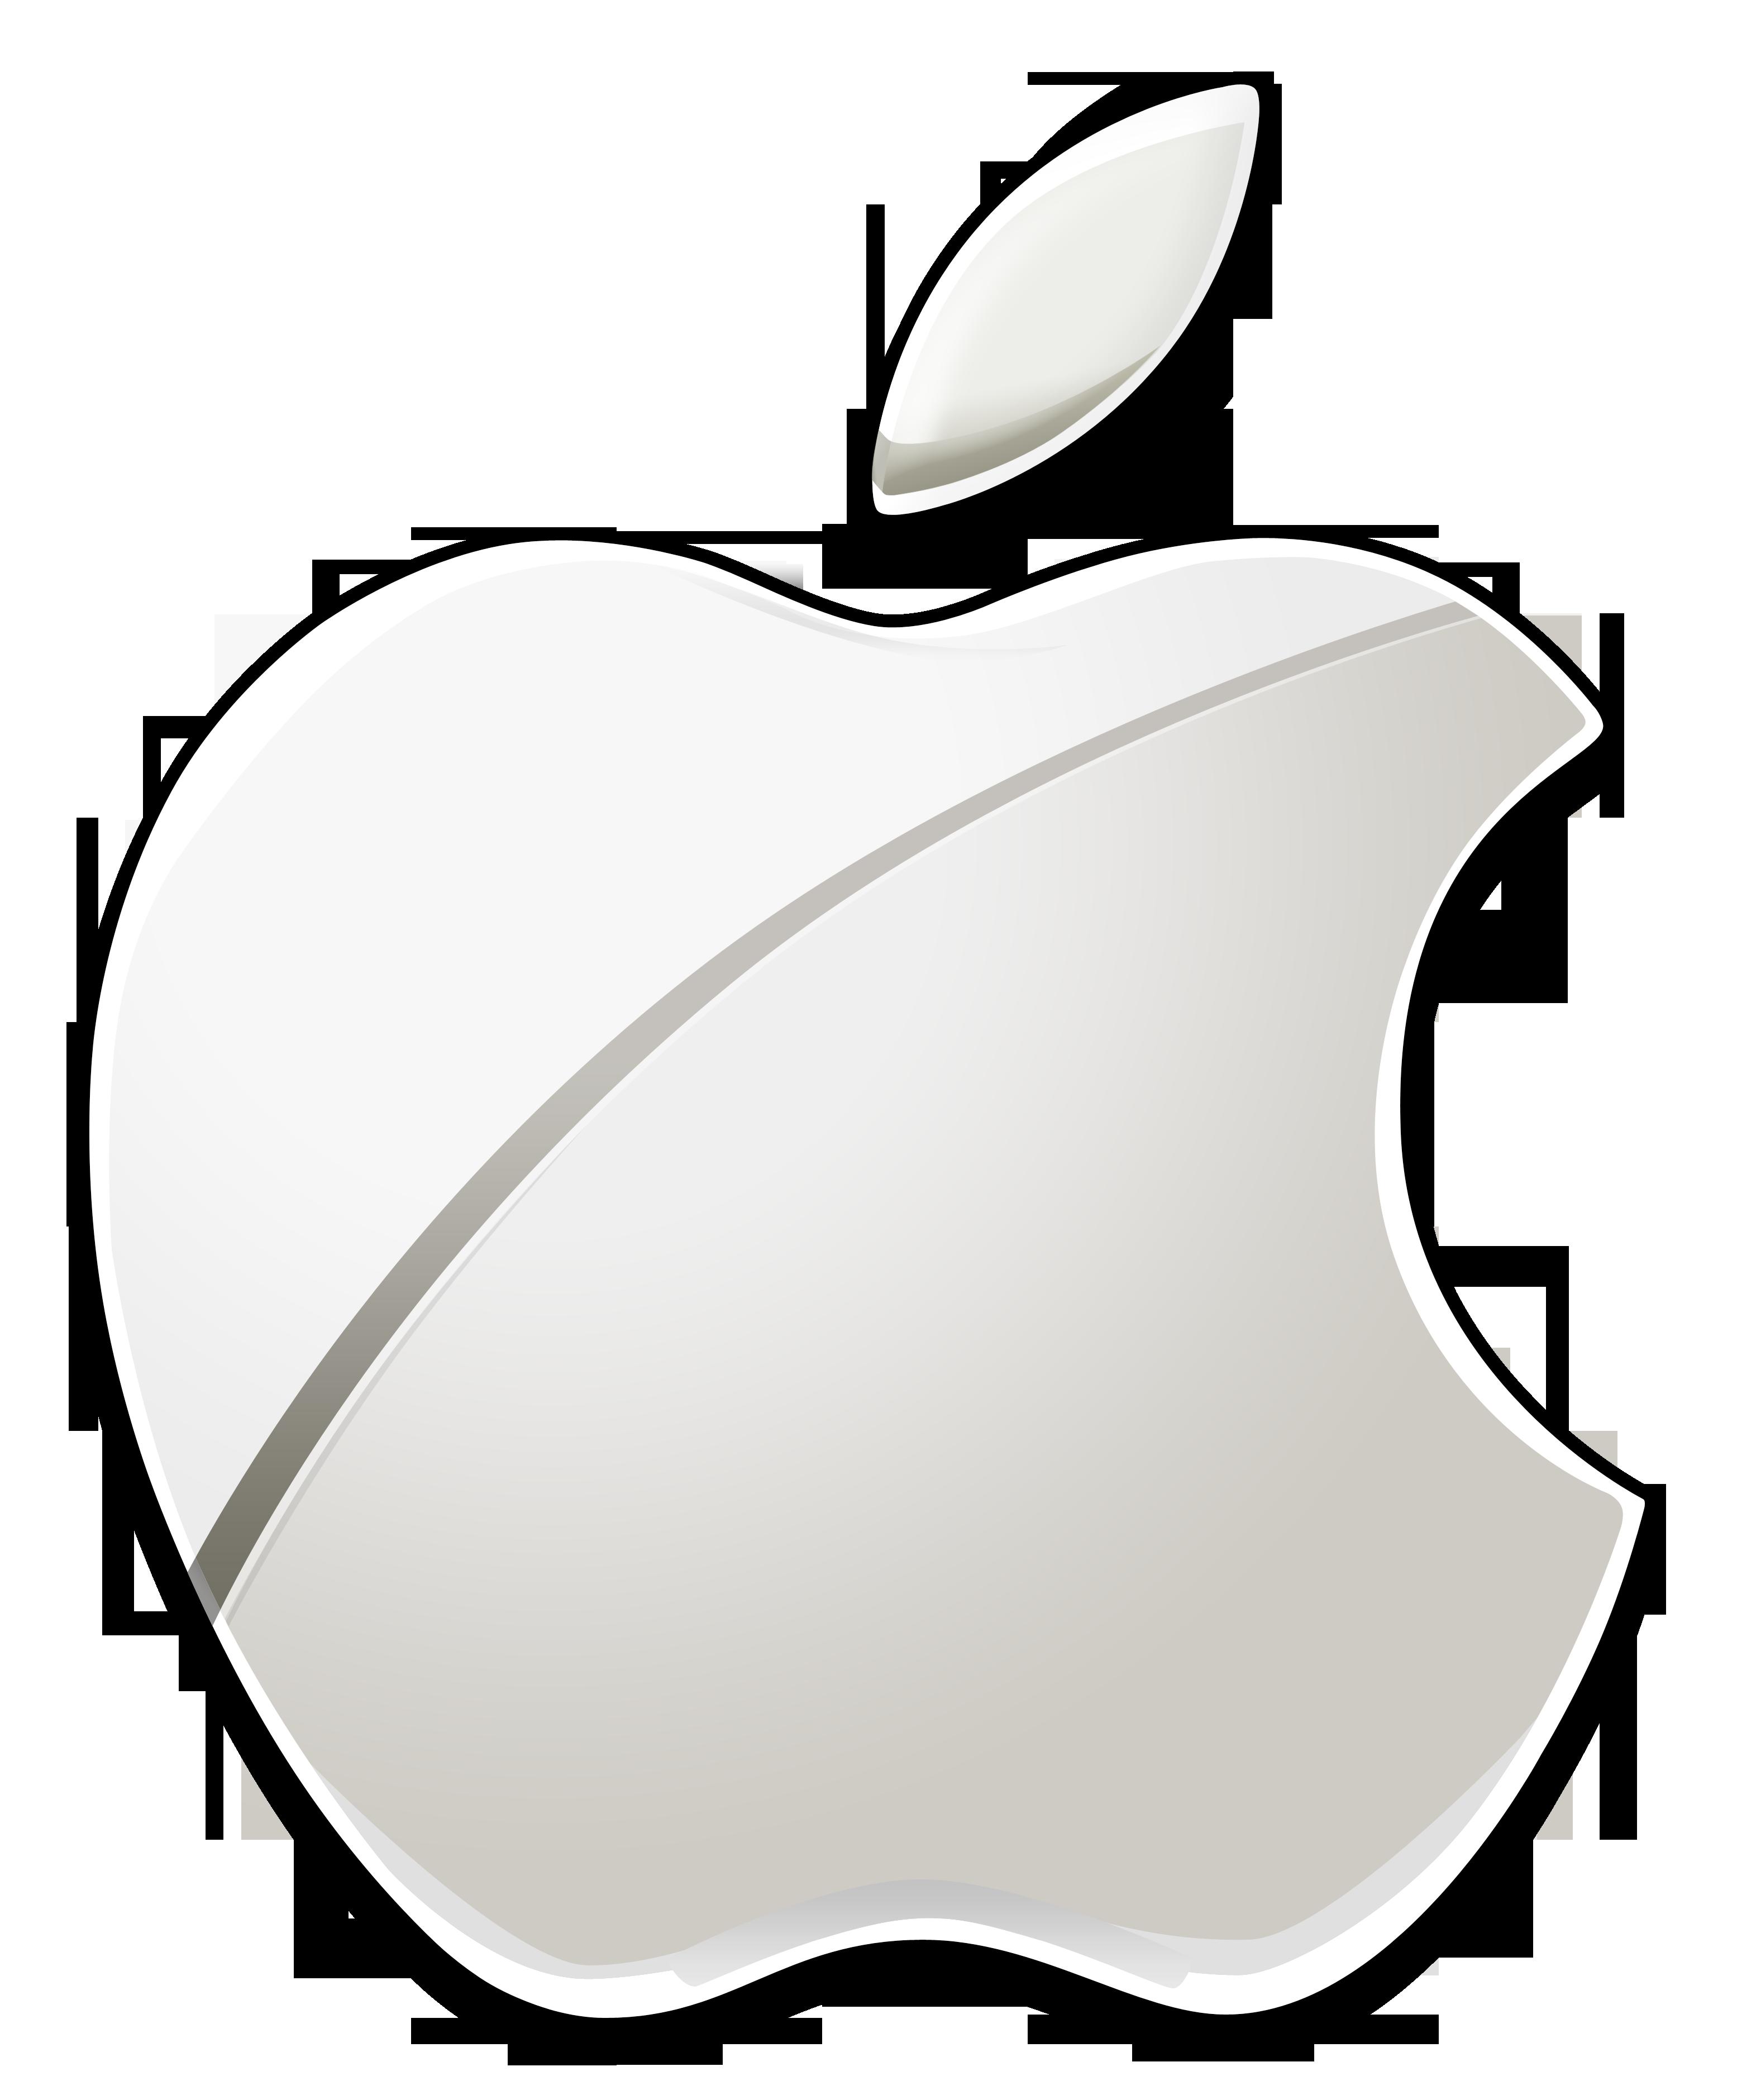 Logo de apple, Logotipos, Mejores fondos de